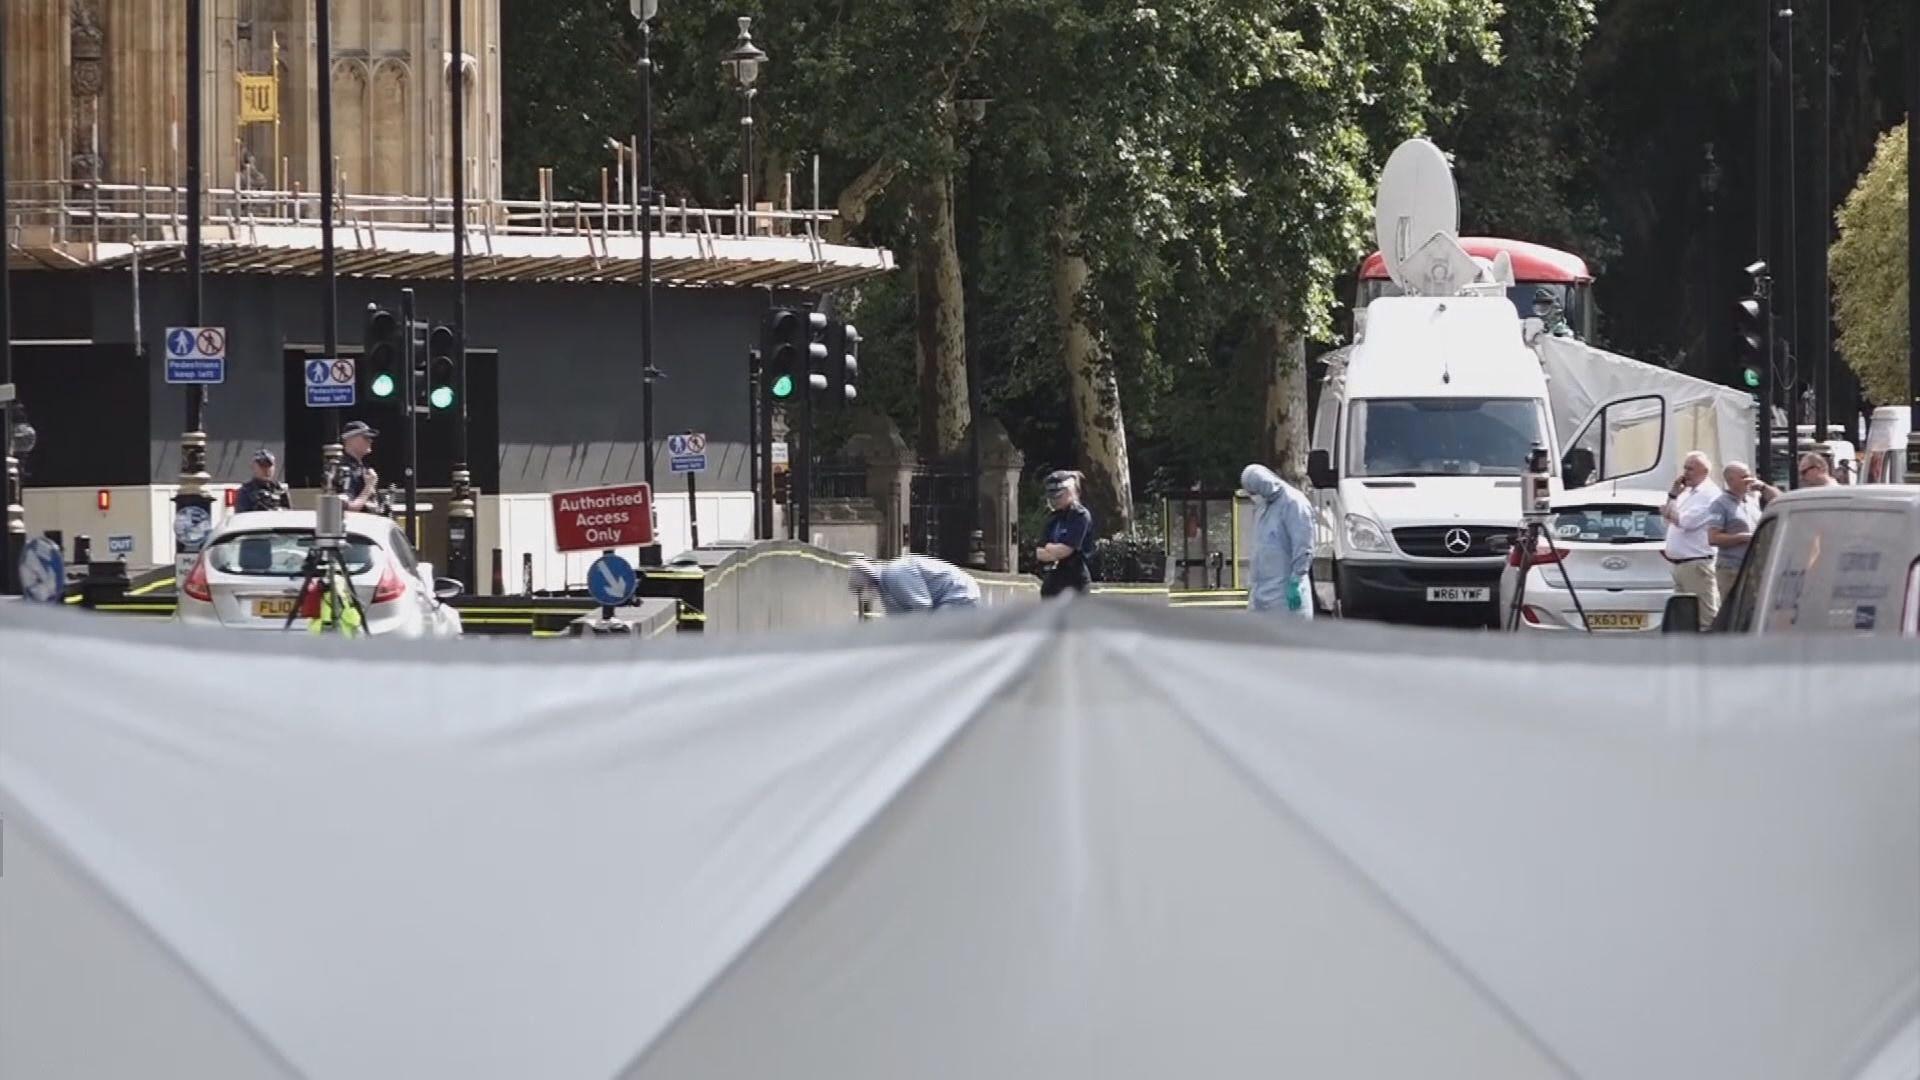 英國汽車襲擊案 警方將案件定為恐怖襲擊